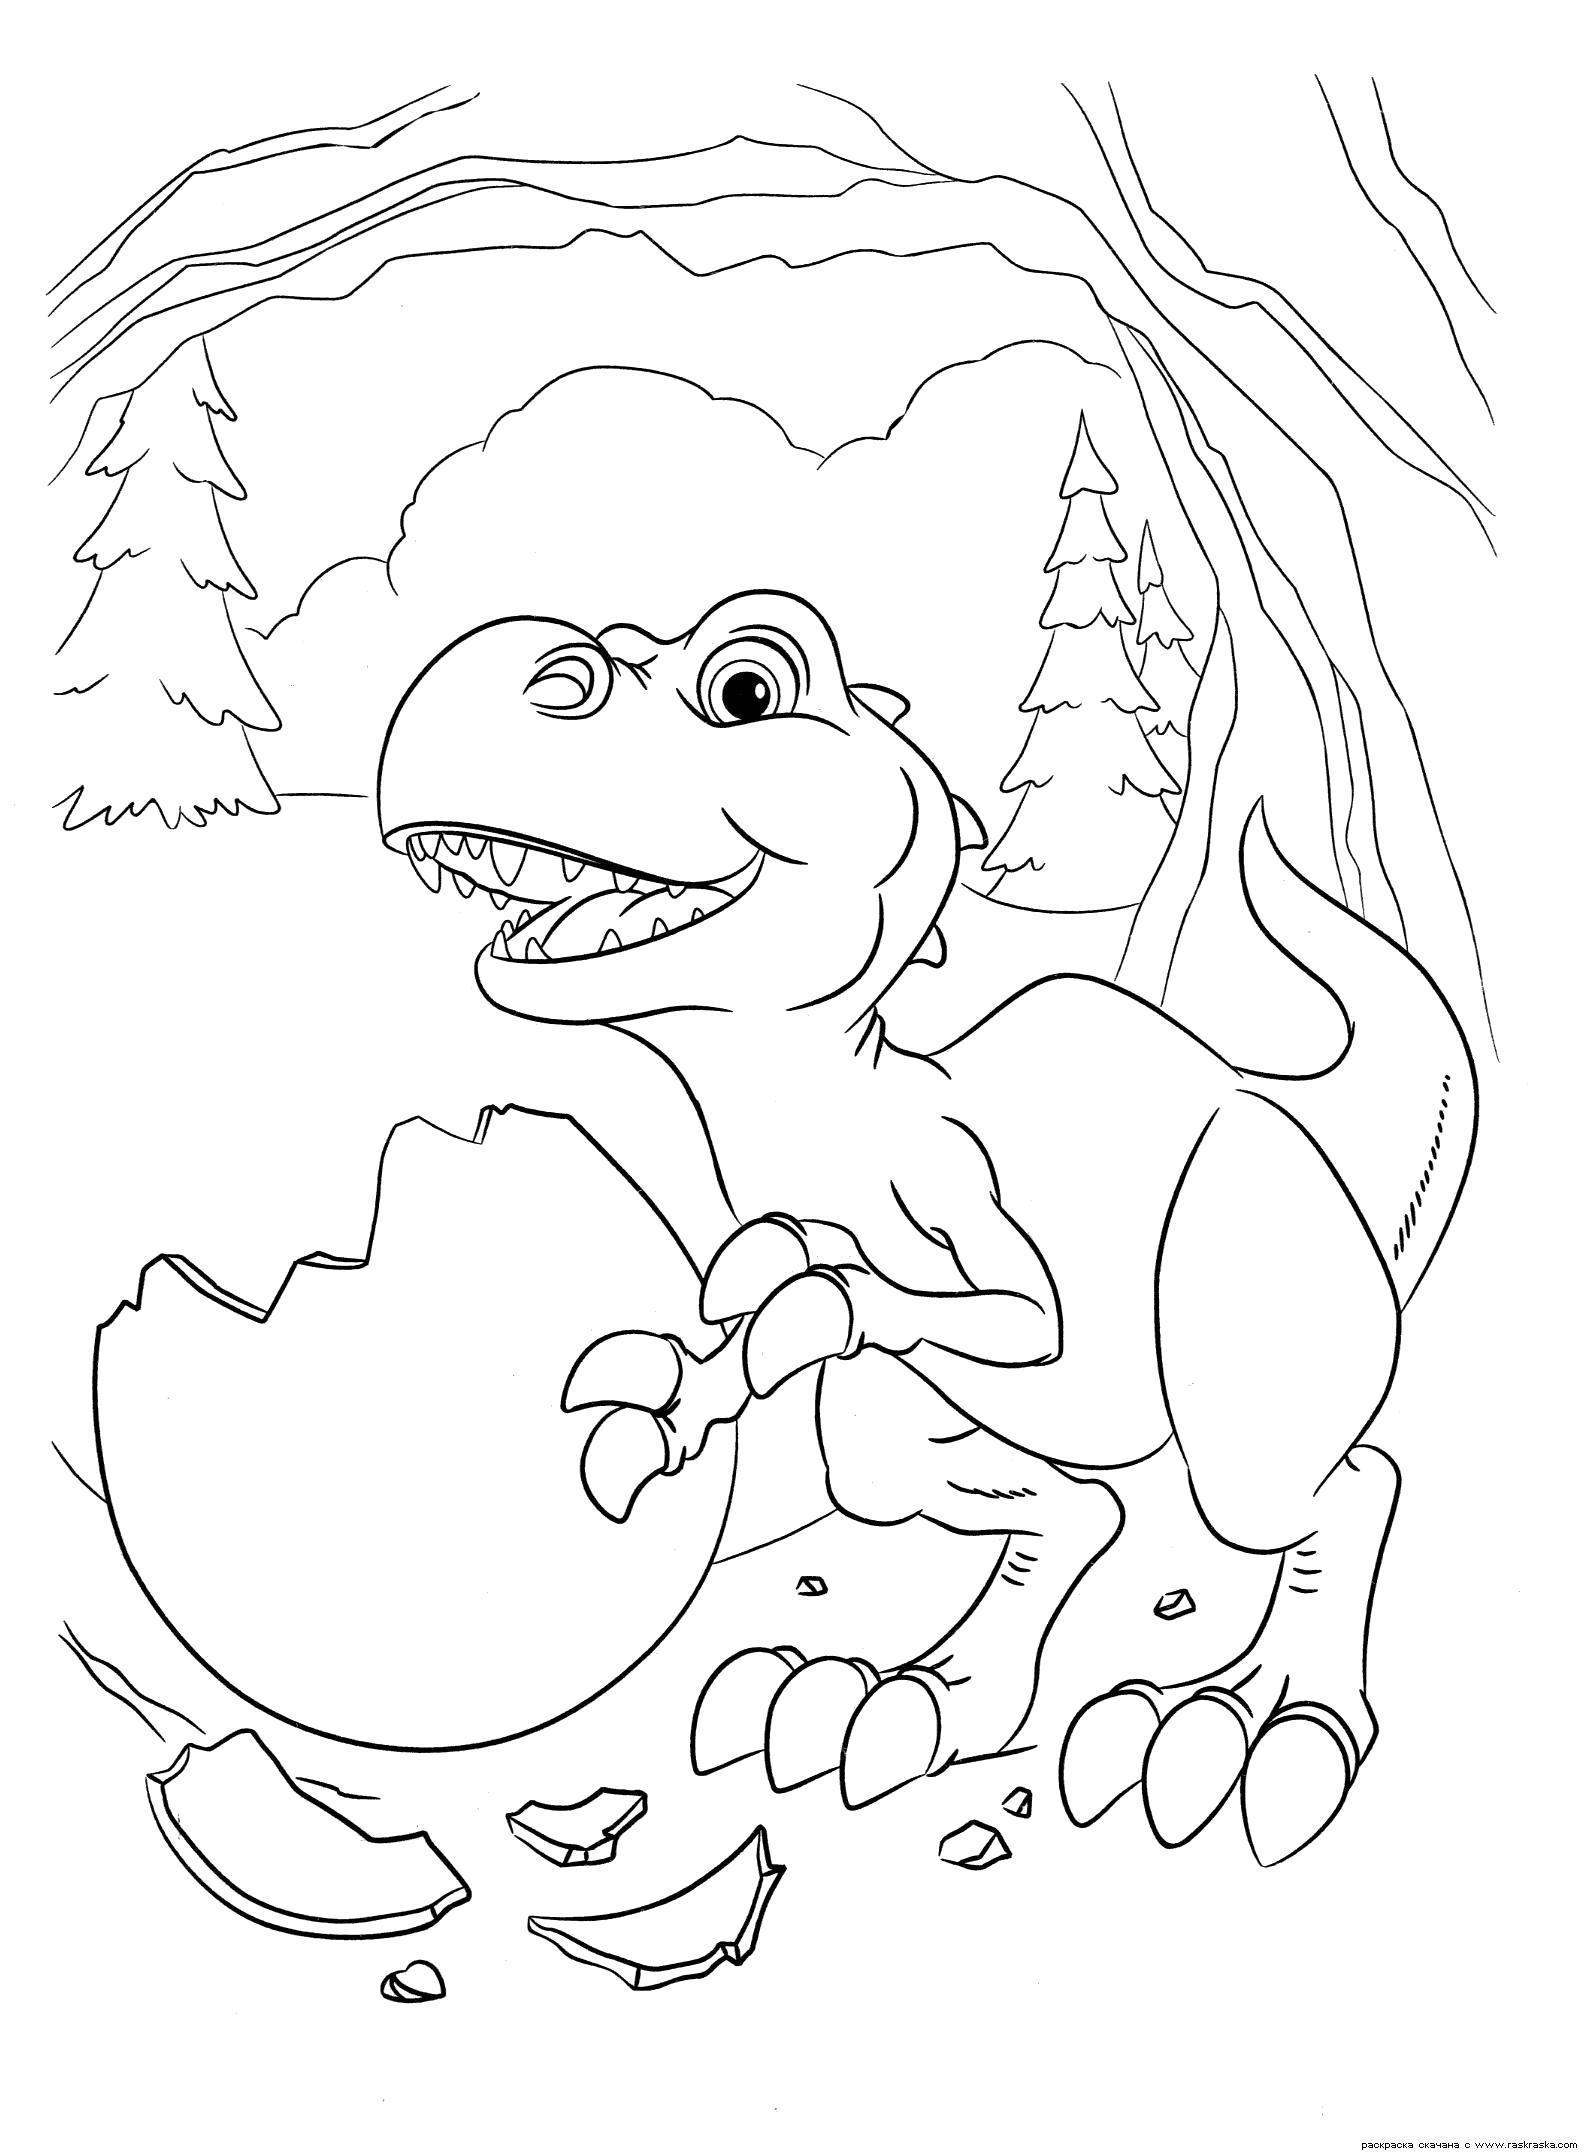 Раскраска  Малыш динозаврик.   динозавр, разукрашка яйцо, скорлупа, картинки из мультика Ледниковый период 3 Эра динозавров для раскрашивания. Скачать динозавр.  Распечатать динозавр